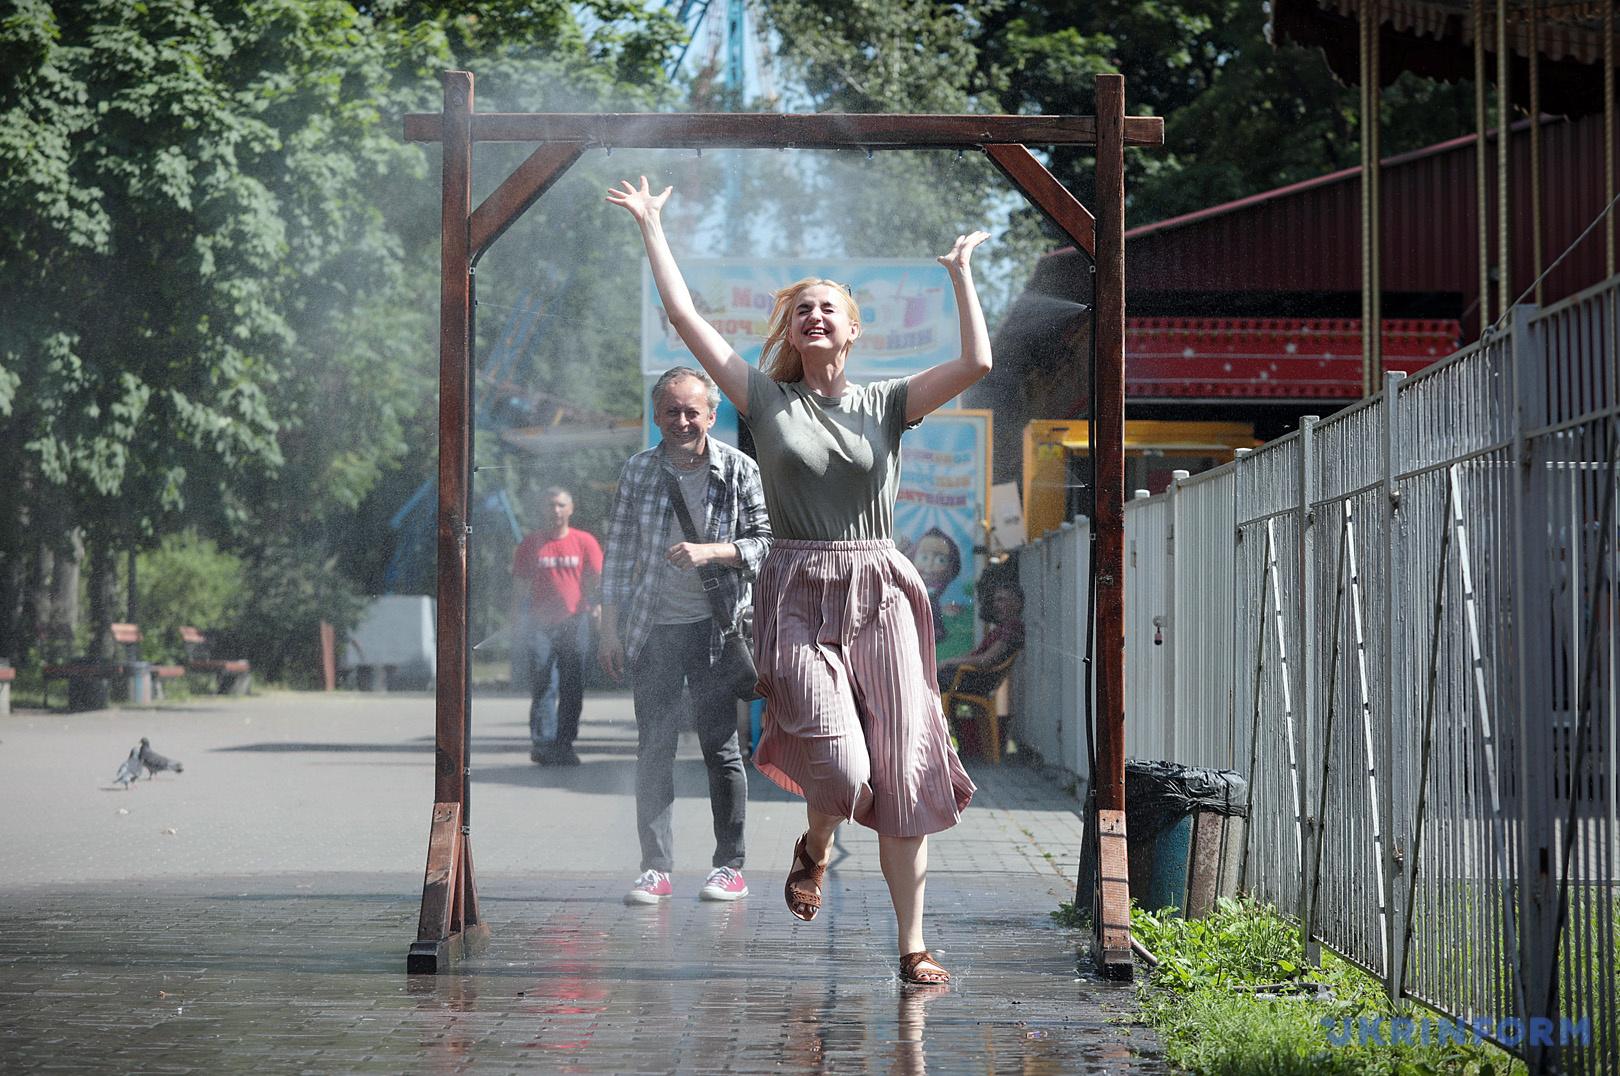 У парках Києва встановили водяні рамки / Фото: Геннадій Мінченко, Укрінформ